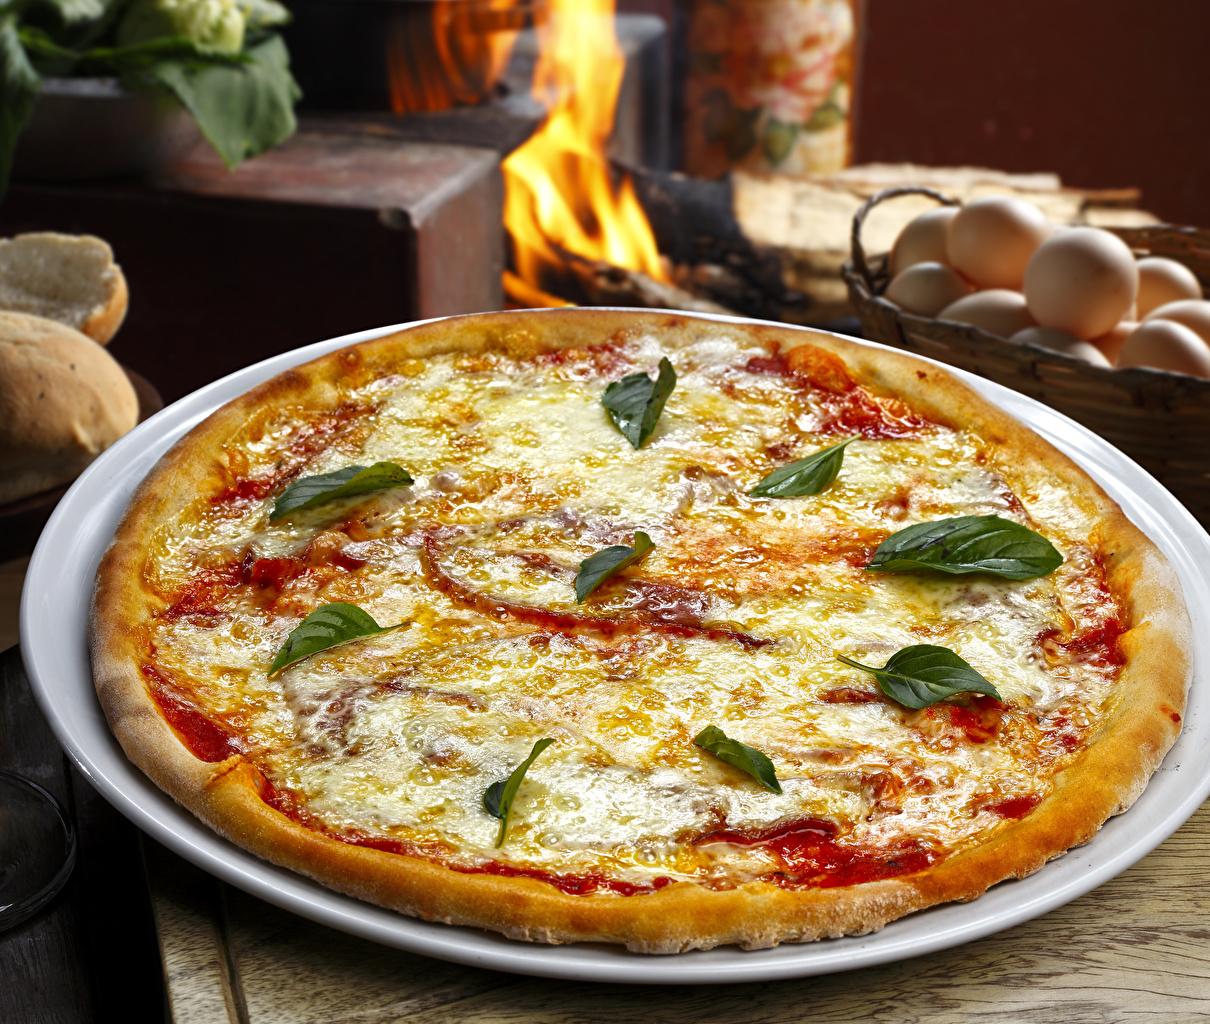 Обои для рабочего стола Пицца Сыры кетчупом Быстрое питание Еда Тарелка Кетчуп кетчупа Фастфуд Пища тарелке Продукты питания